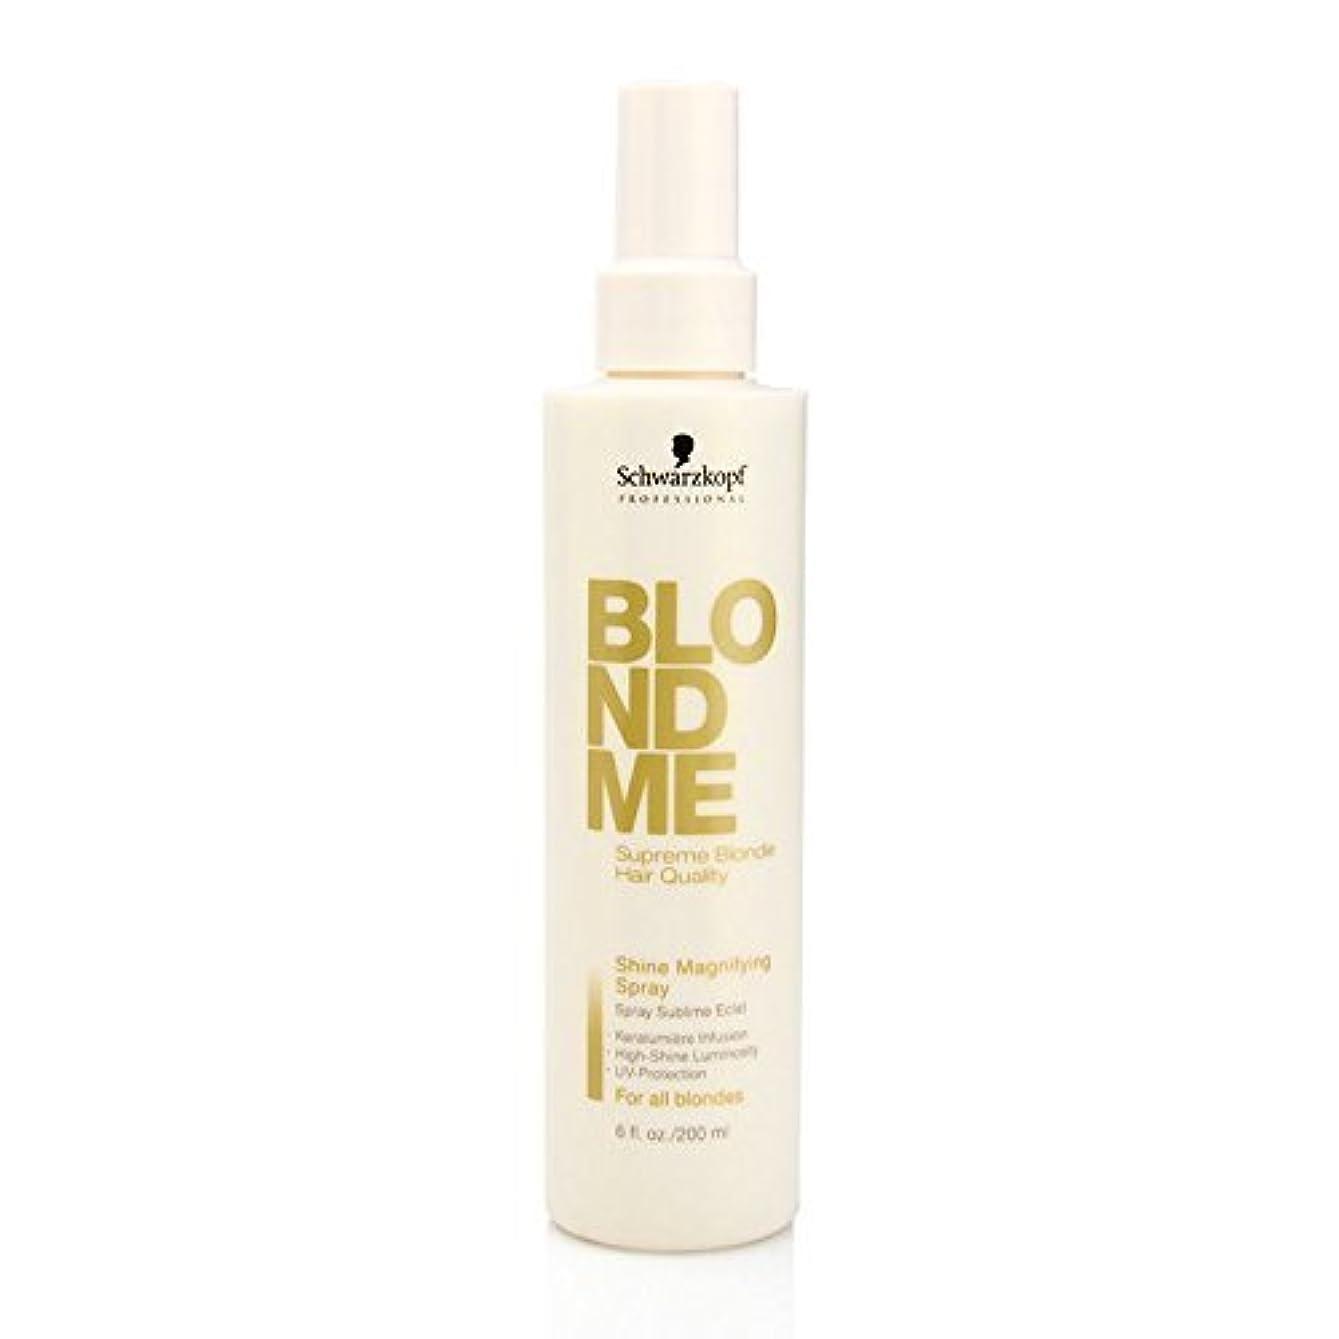 散歩に行く勃起パステルby Blondme SHINE MAGINYING SPARY 6 OZ by BLONDME